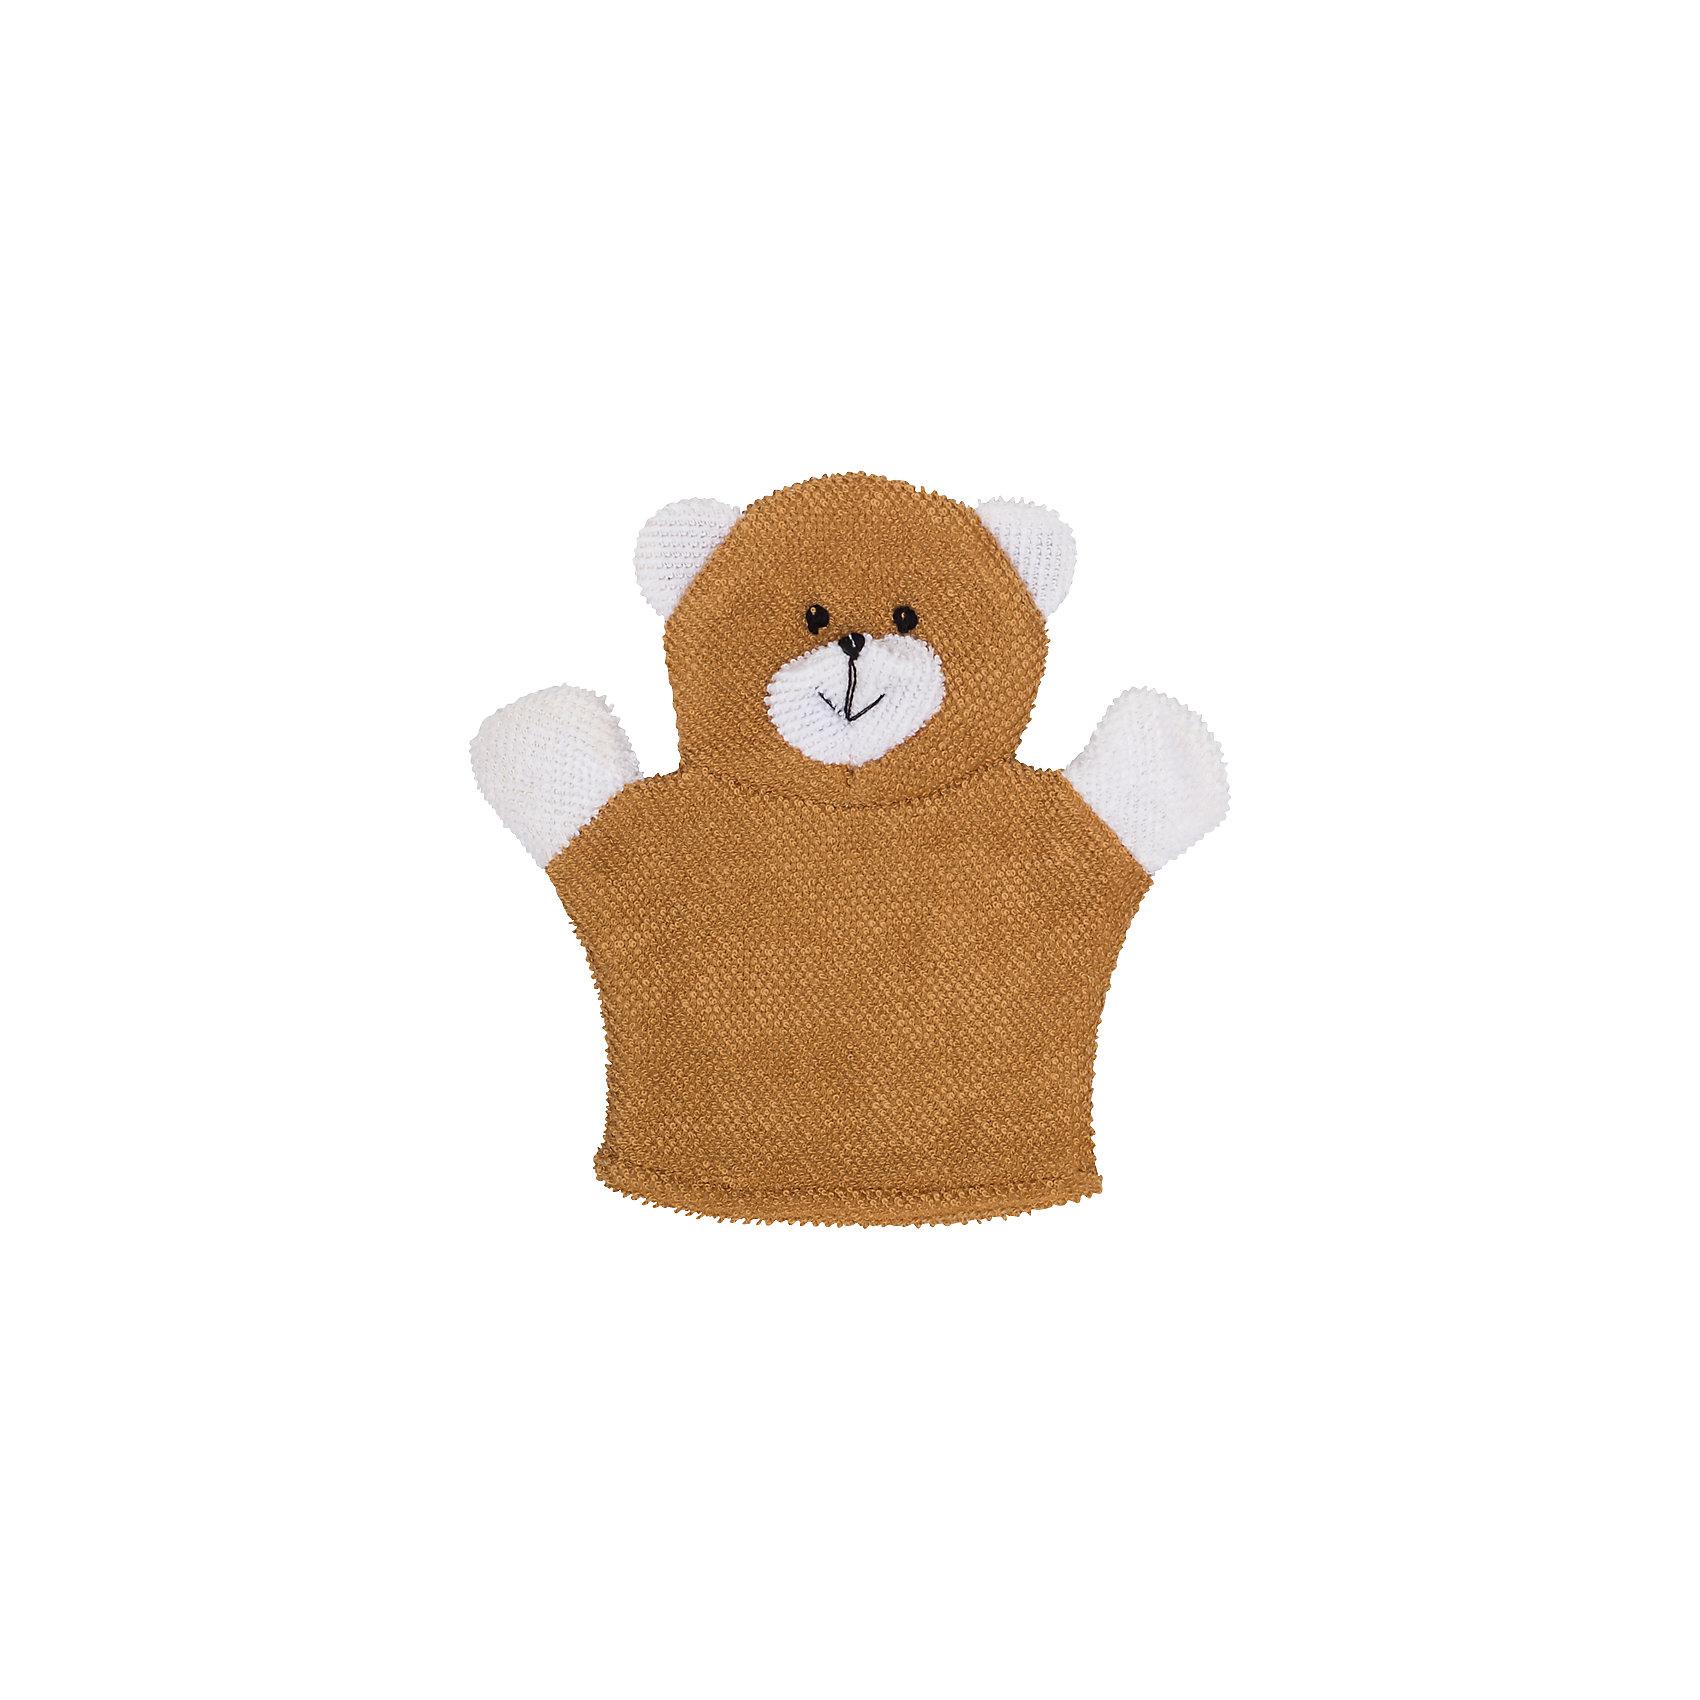 Махровая мочалка-рукавичка Baby Bear, Roxy-kidsМахровая мочалка-рукавичка имеет мягкую фактуру, выполнена в виде веселого мишки, она приведет в восторг все малышей, сделает процесс купания веселым и радостным.  Поверхность бережно моет, не царапая и не раздражая нежную детскую кожу. Мочалка сшита из натурального хлопка, поэтому изделие подходит не только под все типы кожи, но и может использоваться для детей, склонных к кожным аллергиям. Натуральное волокно и гигиеничность компонента делают эту мочалку лучшей в числе детских мочалок для купания. <br><br>Дополнительная информация:<br><br>- Материал: хлопок.<br>- Размер упаковки: 15х25х1 см. <br><br>Махровую мочалку-рукавичку Baby Bear, Roxy-kids, можно купить в нашем магазине.<br><br>Ширина мм: 150<br>Глубина мм: 255<br>Высота мм: 10<br>Вес г: 100<br>Возраст от месяцев: 0<br>Возраст до месяцев: 36<br>Пол: Унисекс<br>Возраст: Детский<br>SKU: 4264177